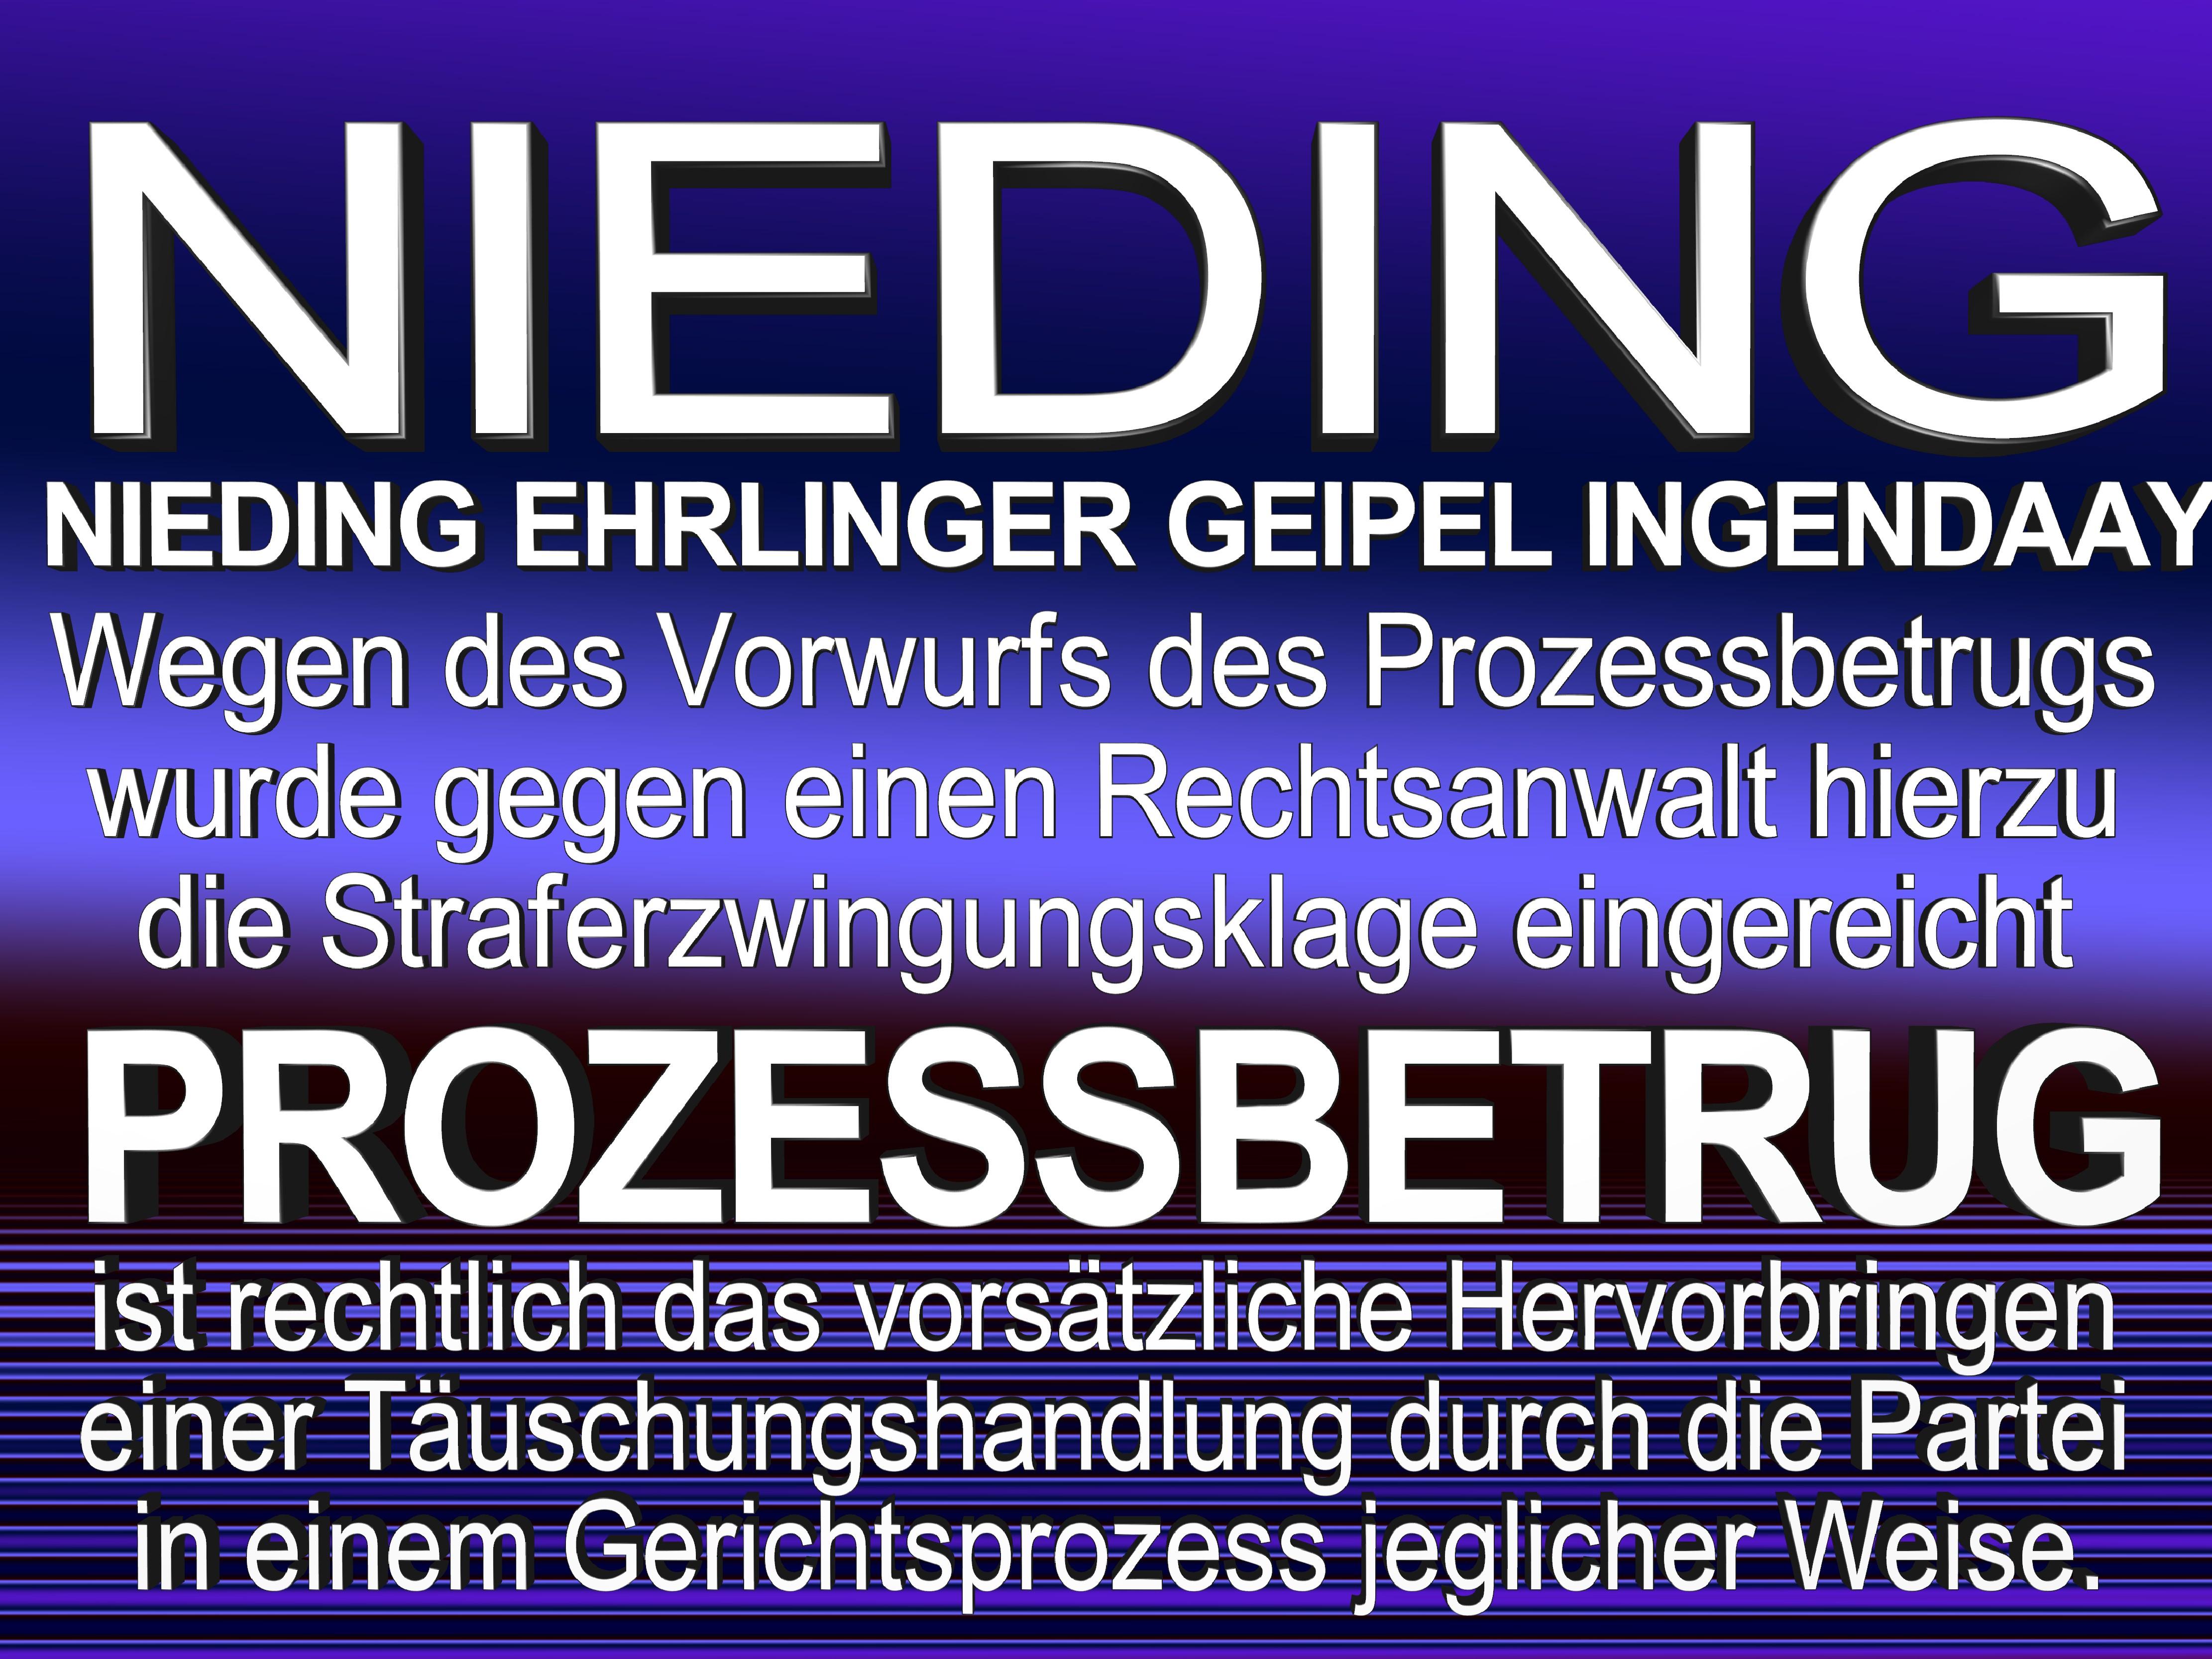 NIEDING EHRLINGER GEIPEL INGENDAAY LELKE Kurfürstendamm 66 Berlin (45)